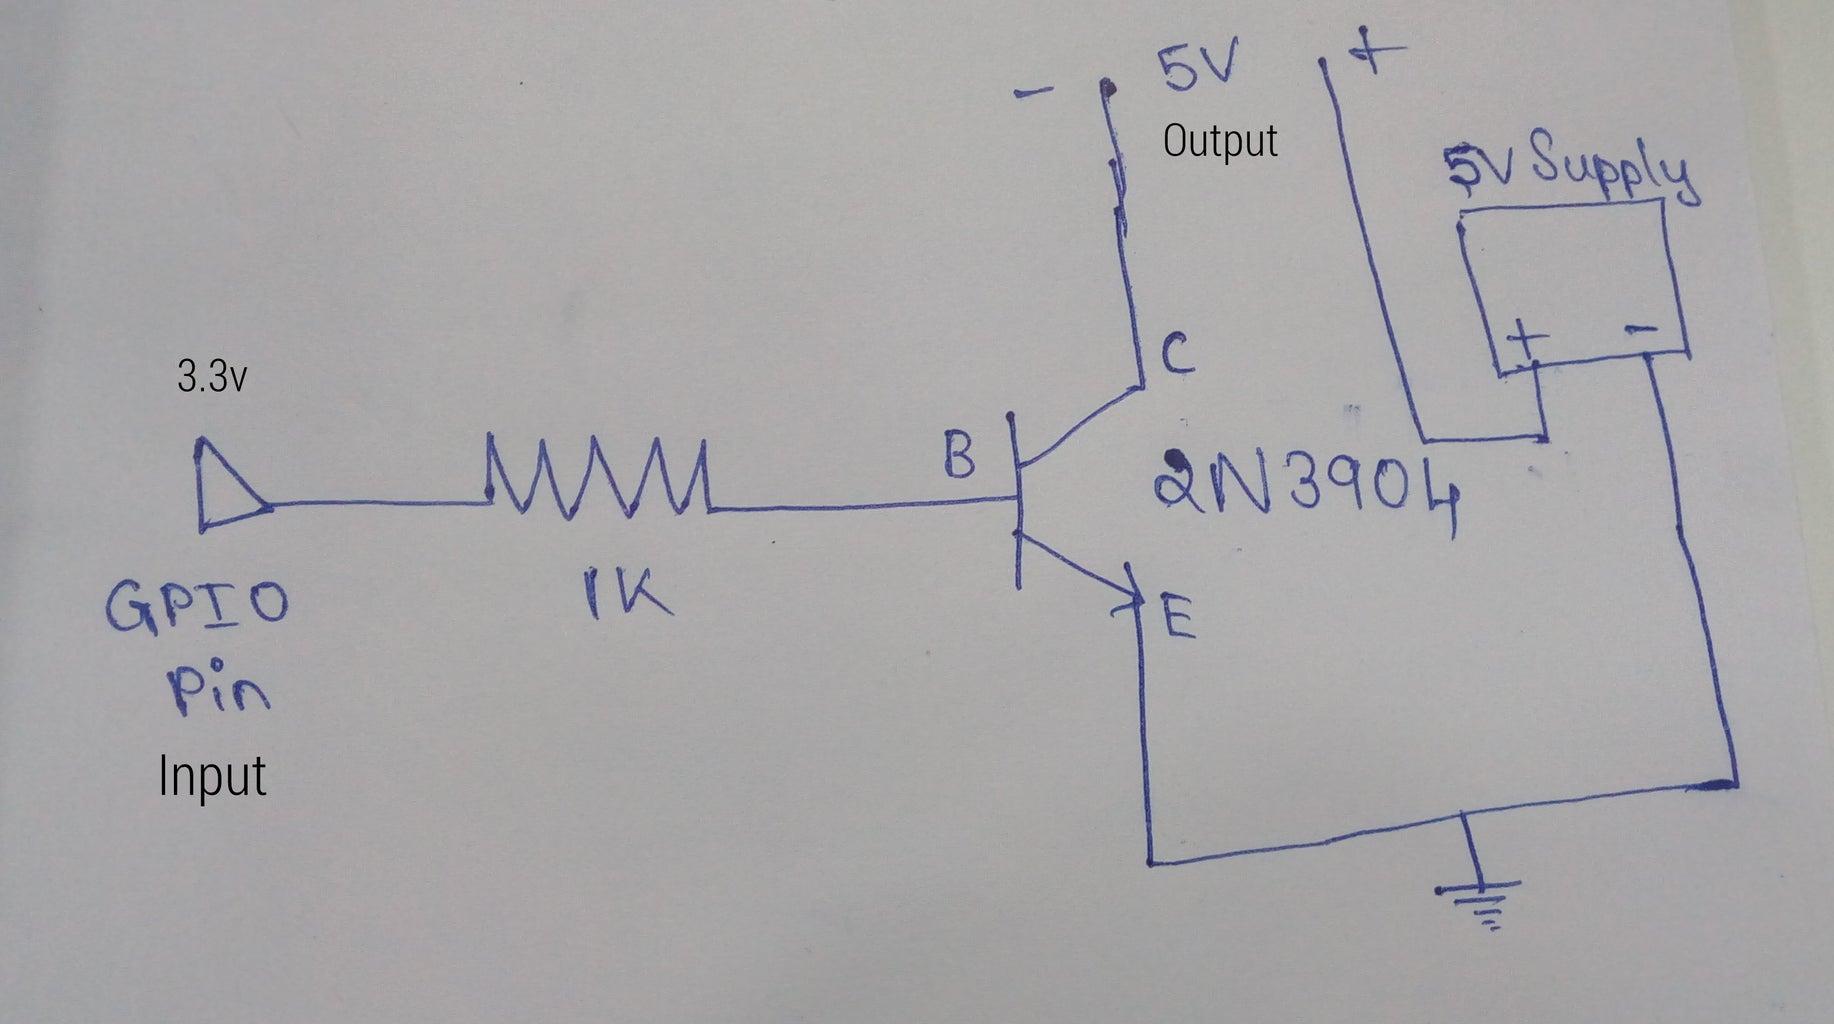 3.3v to 5v Converter